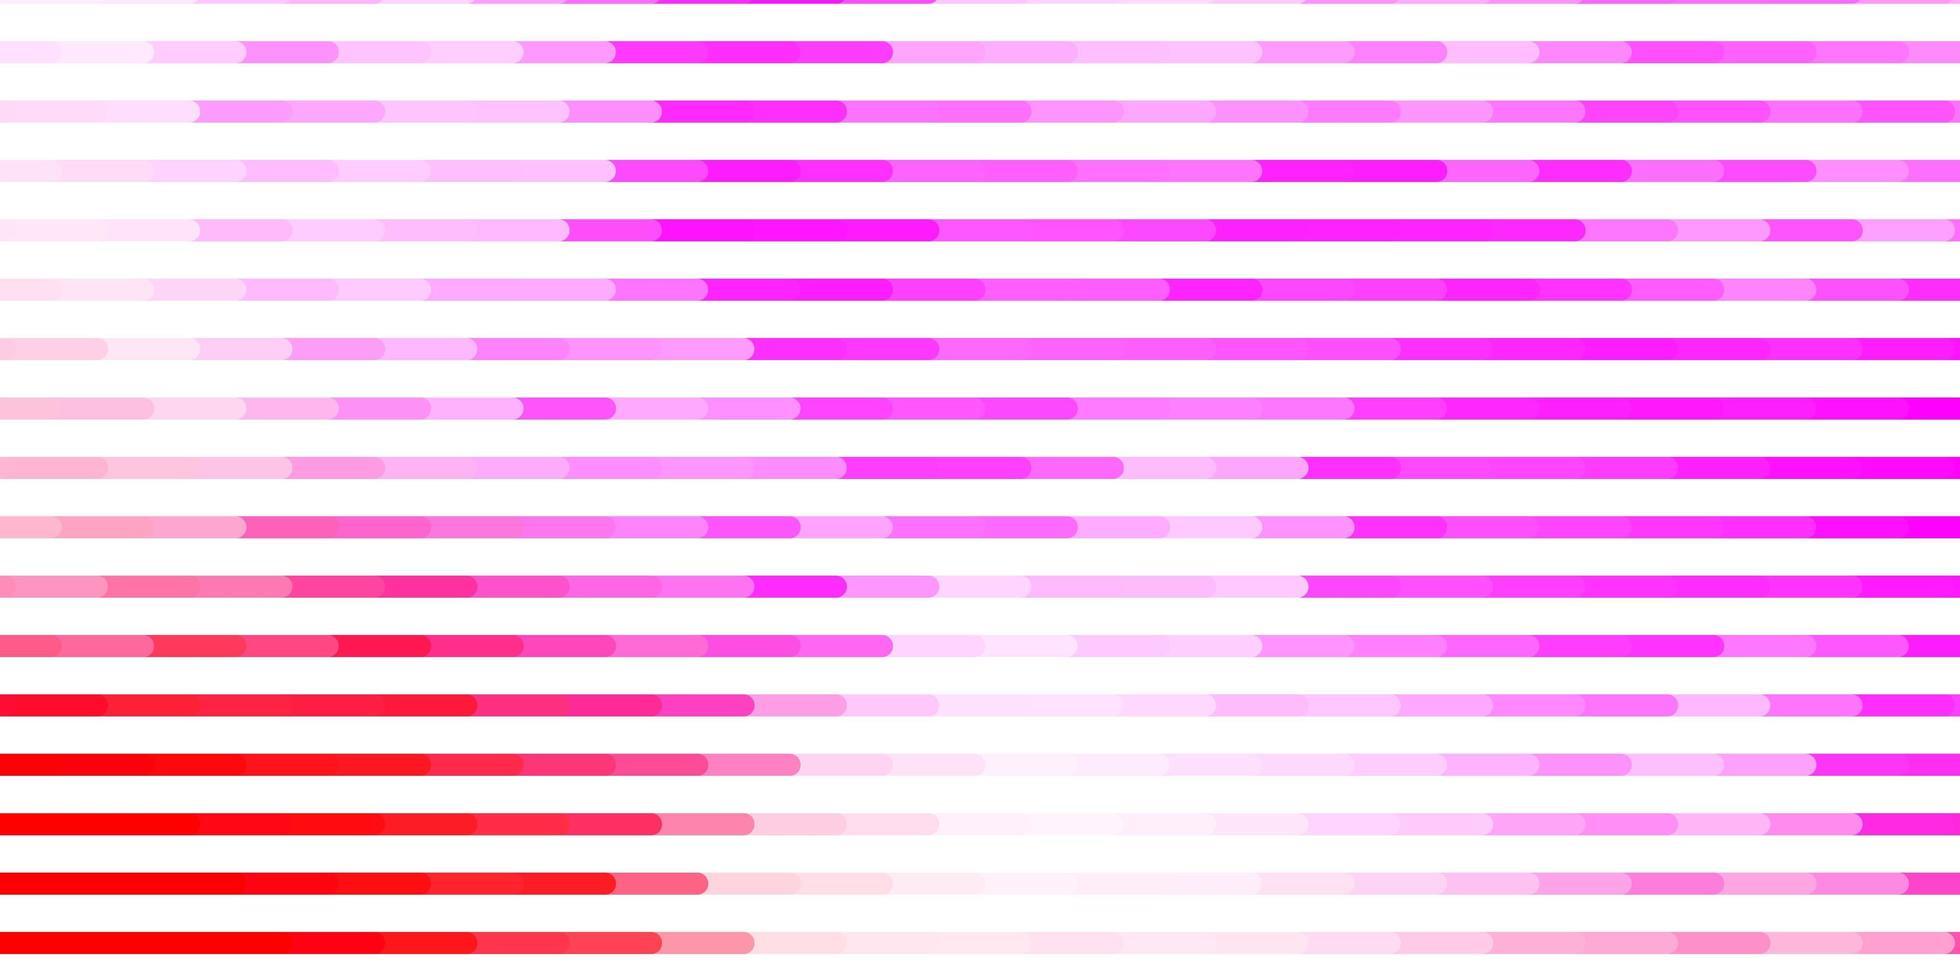 layout de vetor rosa claro, amarelo com linhas.